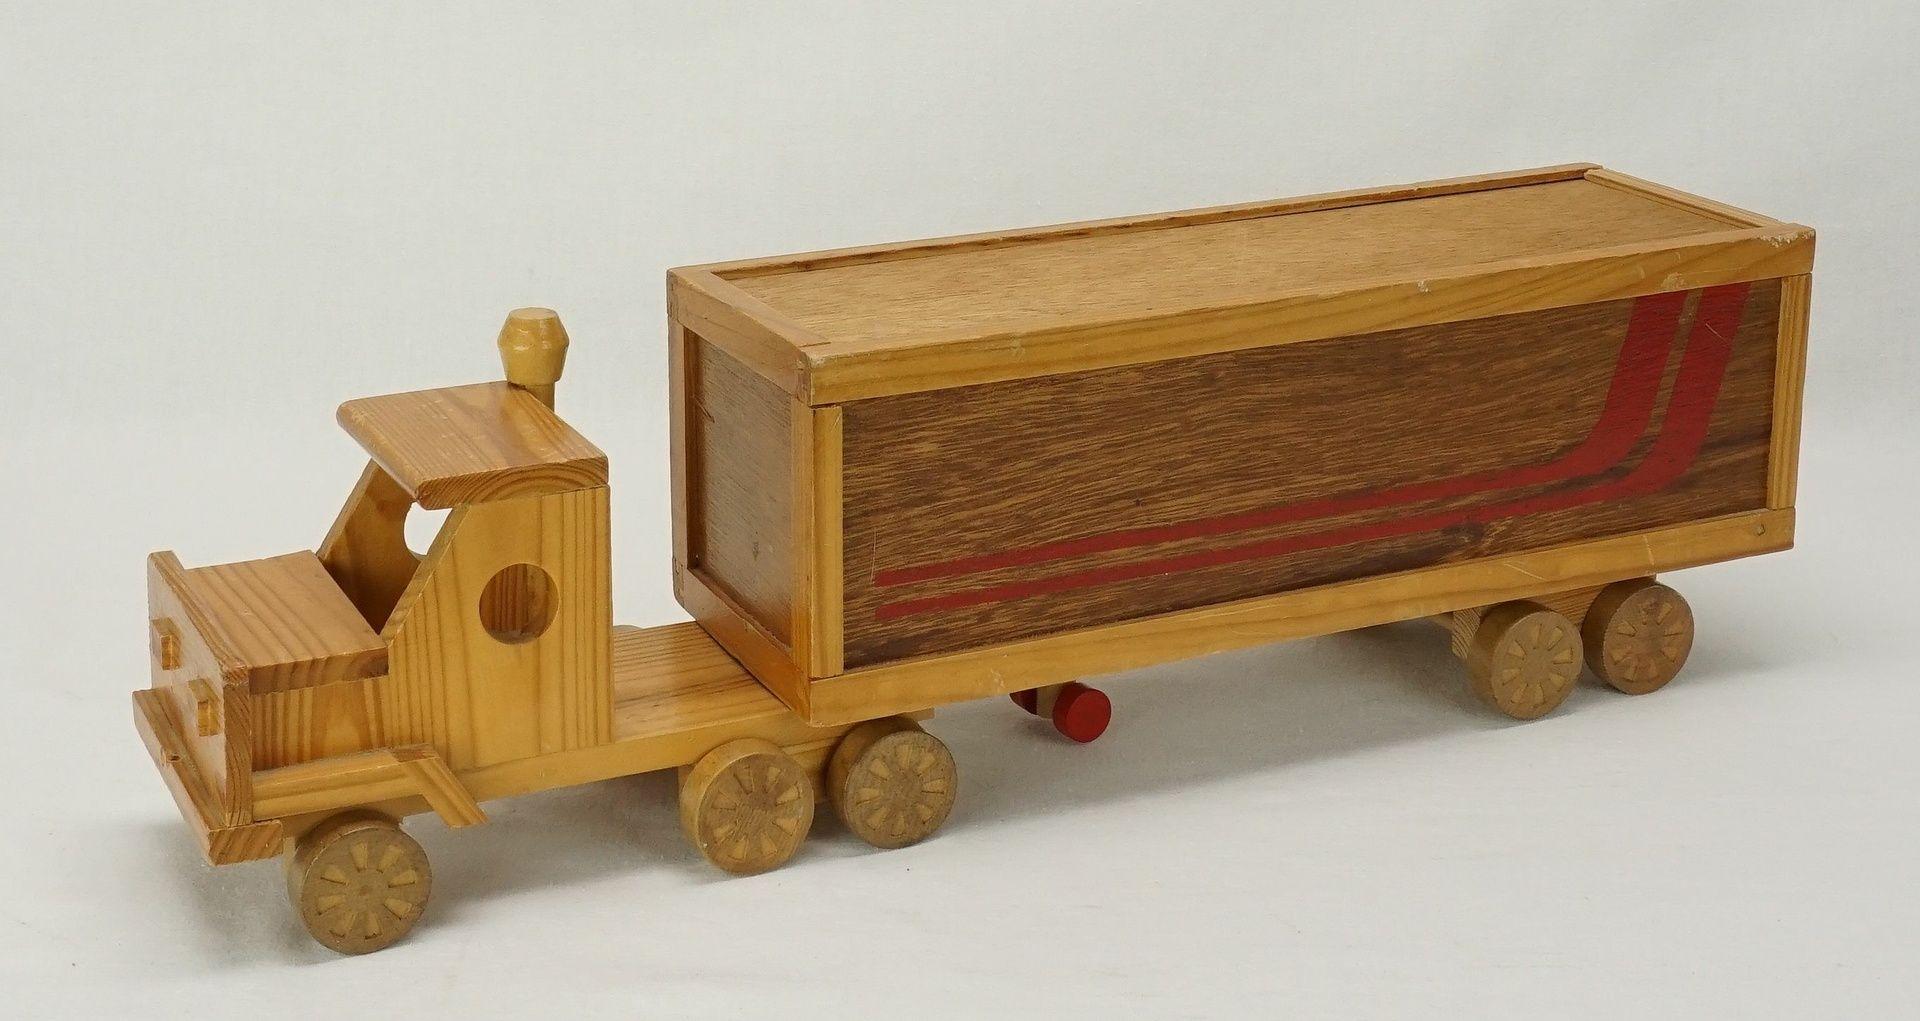 Holz Truck, 2. Hälfte 20. Jh.